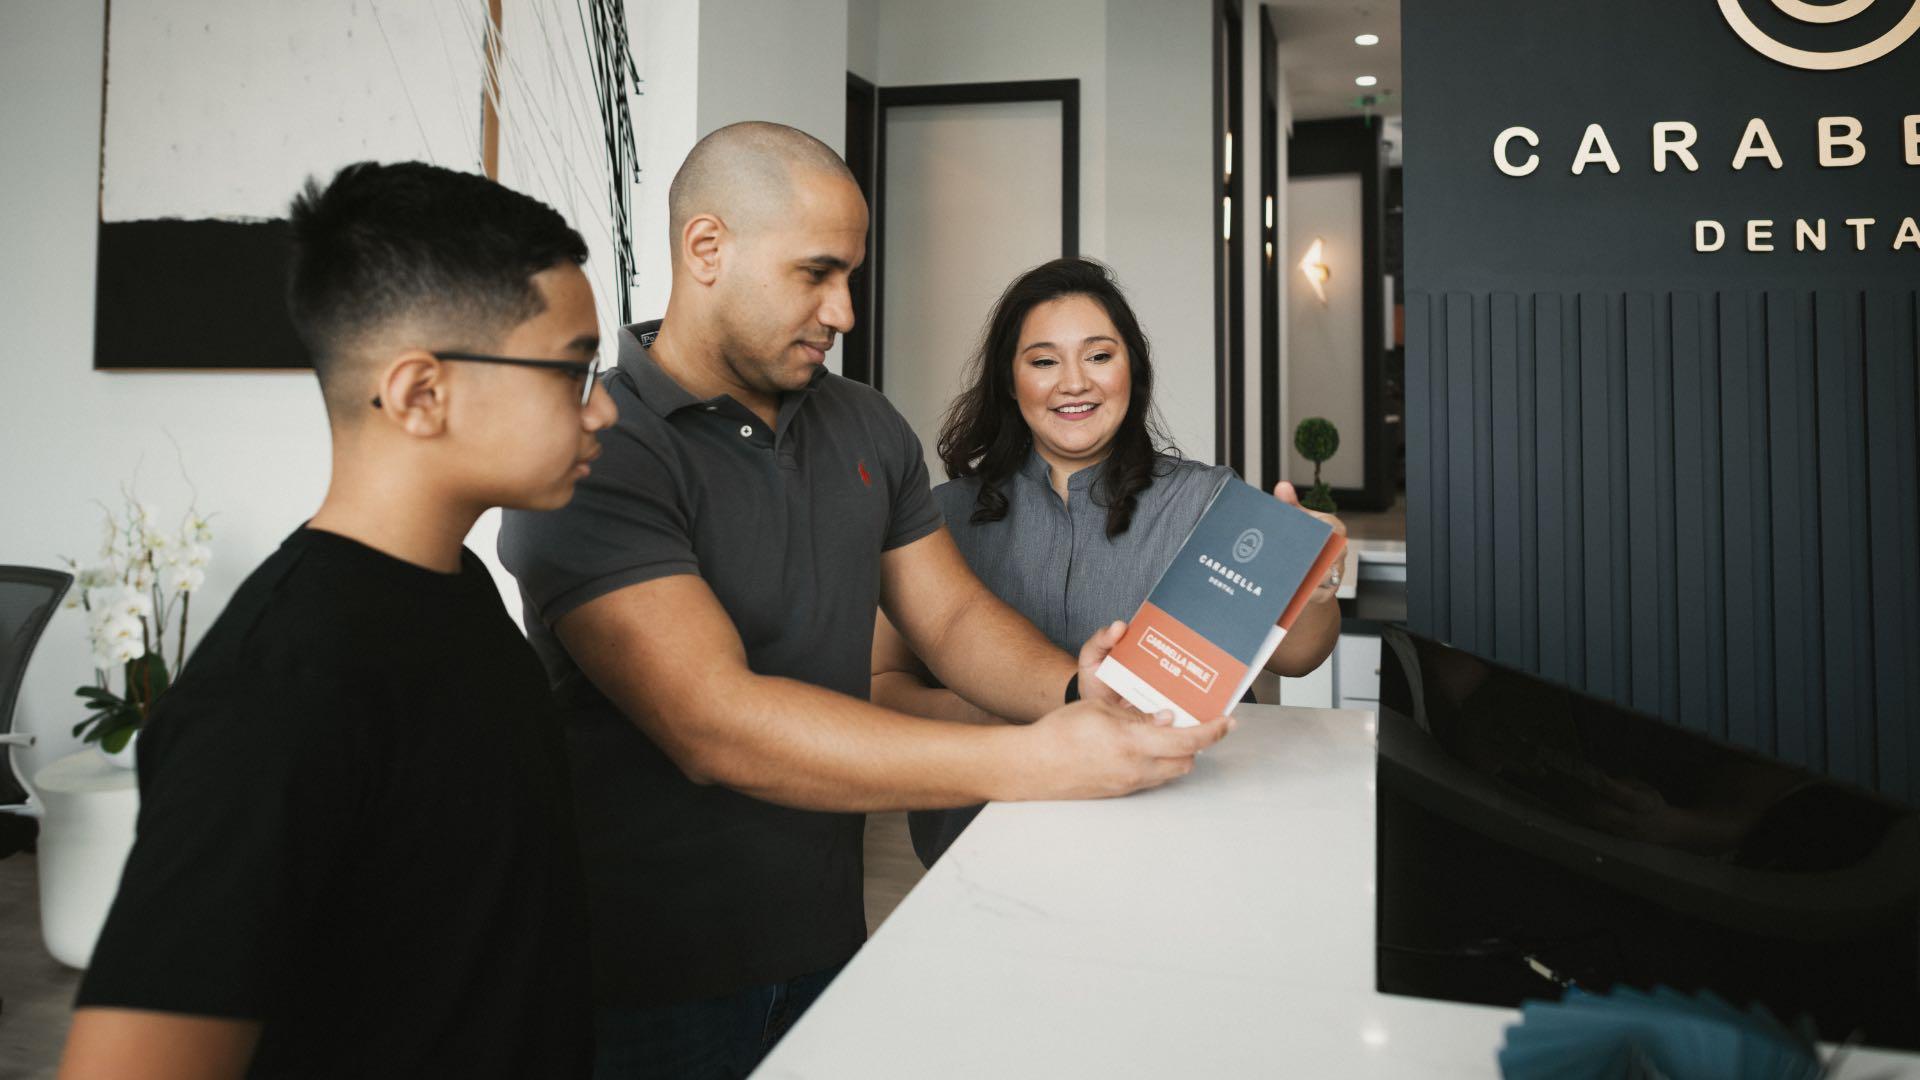 Photo of people looking at our dental membership plan brochure